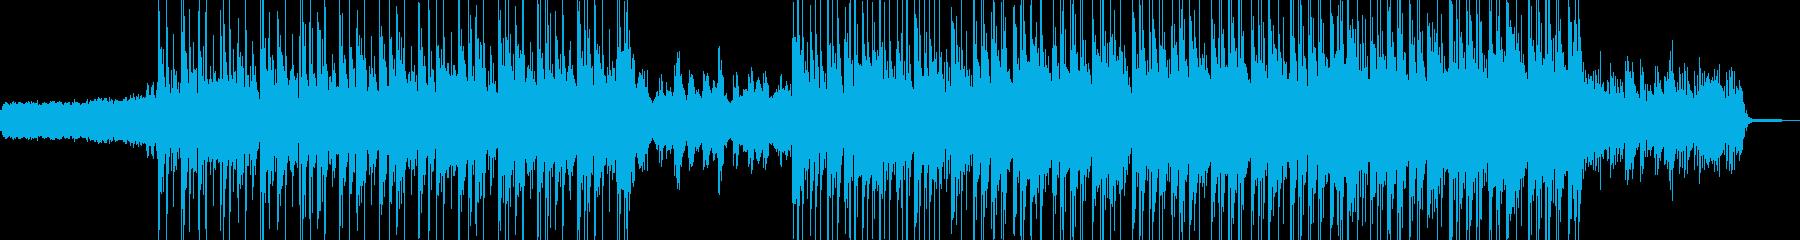 電脳・空想科学的なエレクトロ エレキ有Bの再生済みの波形